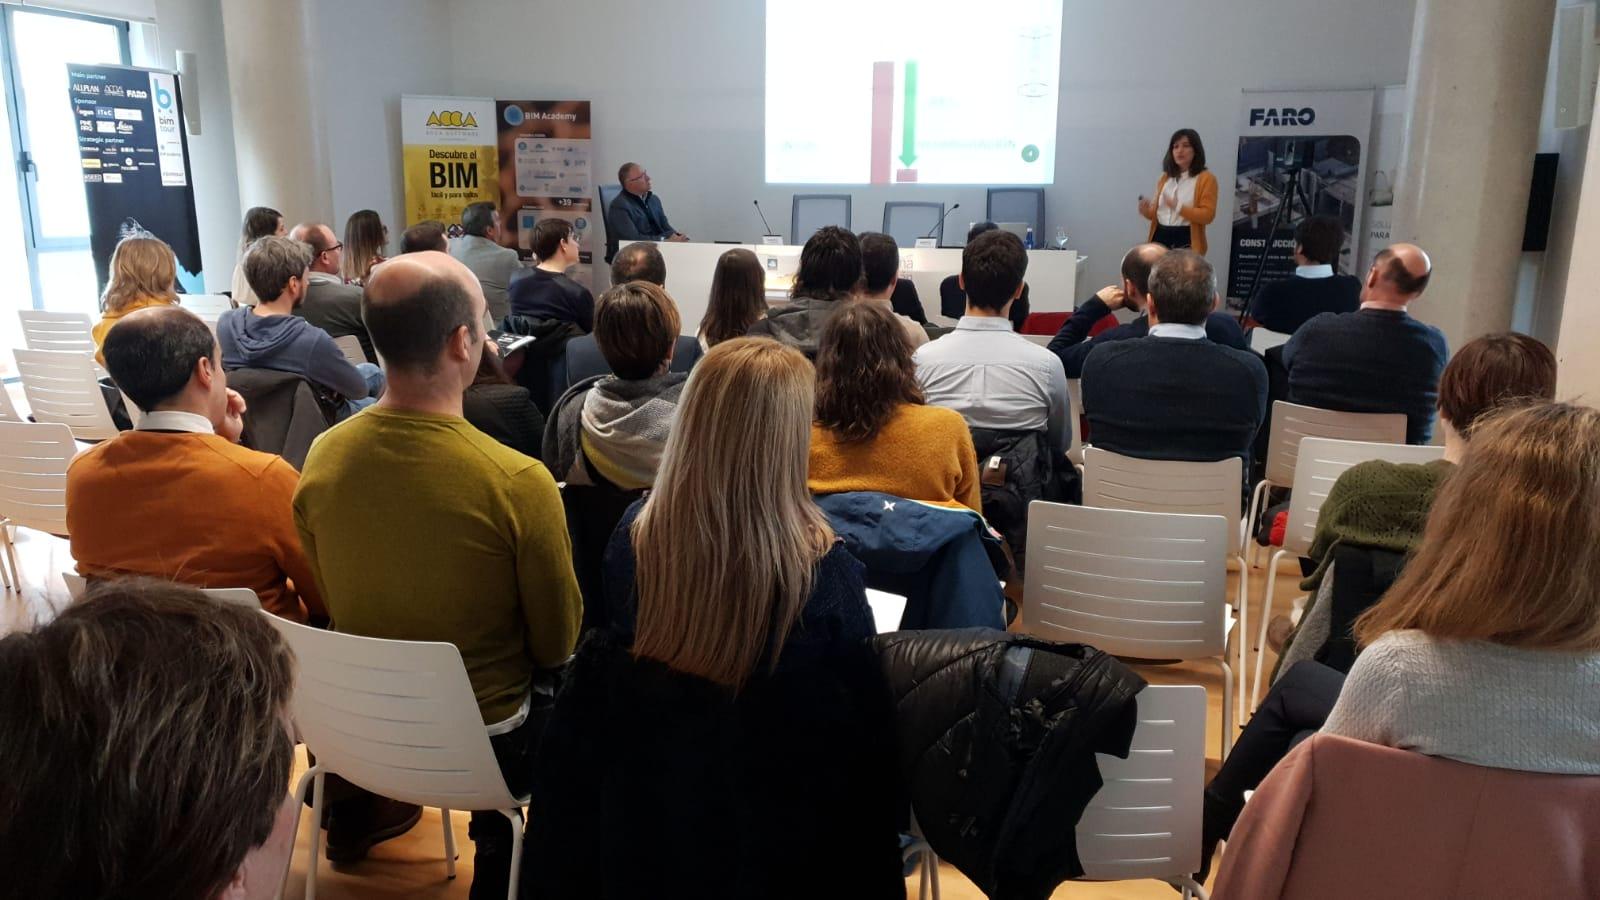 foto noticia: Participamos impartiendo una ponencia en la jornada BIM para Administraciones Públicas y Universidad organizada por BIM Academy